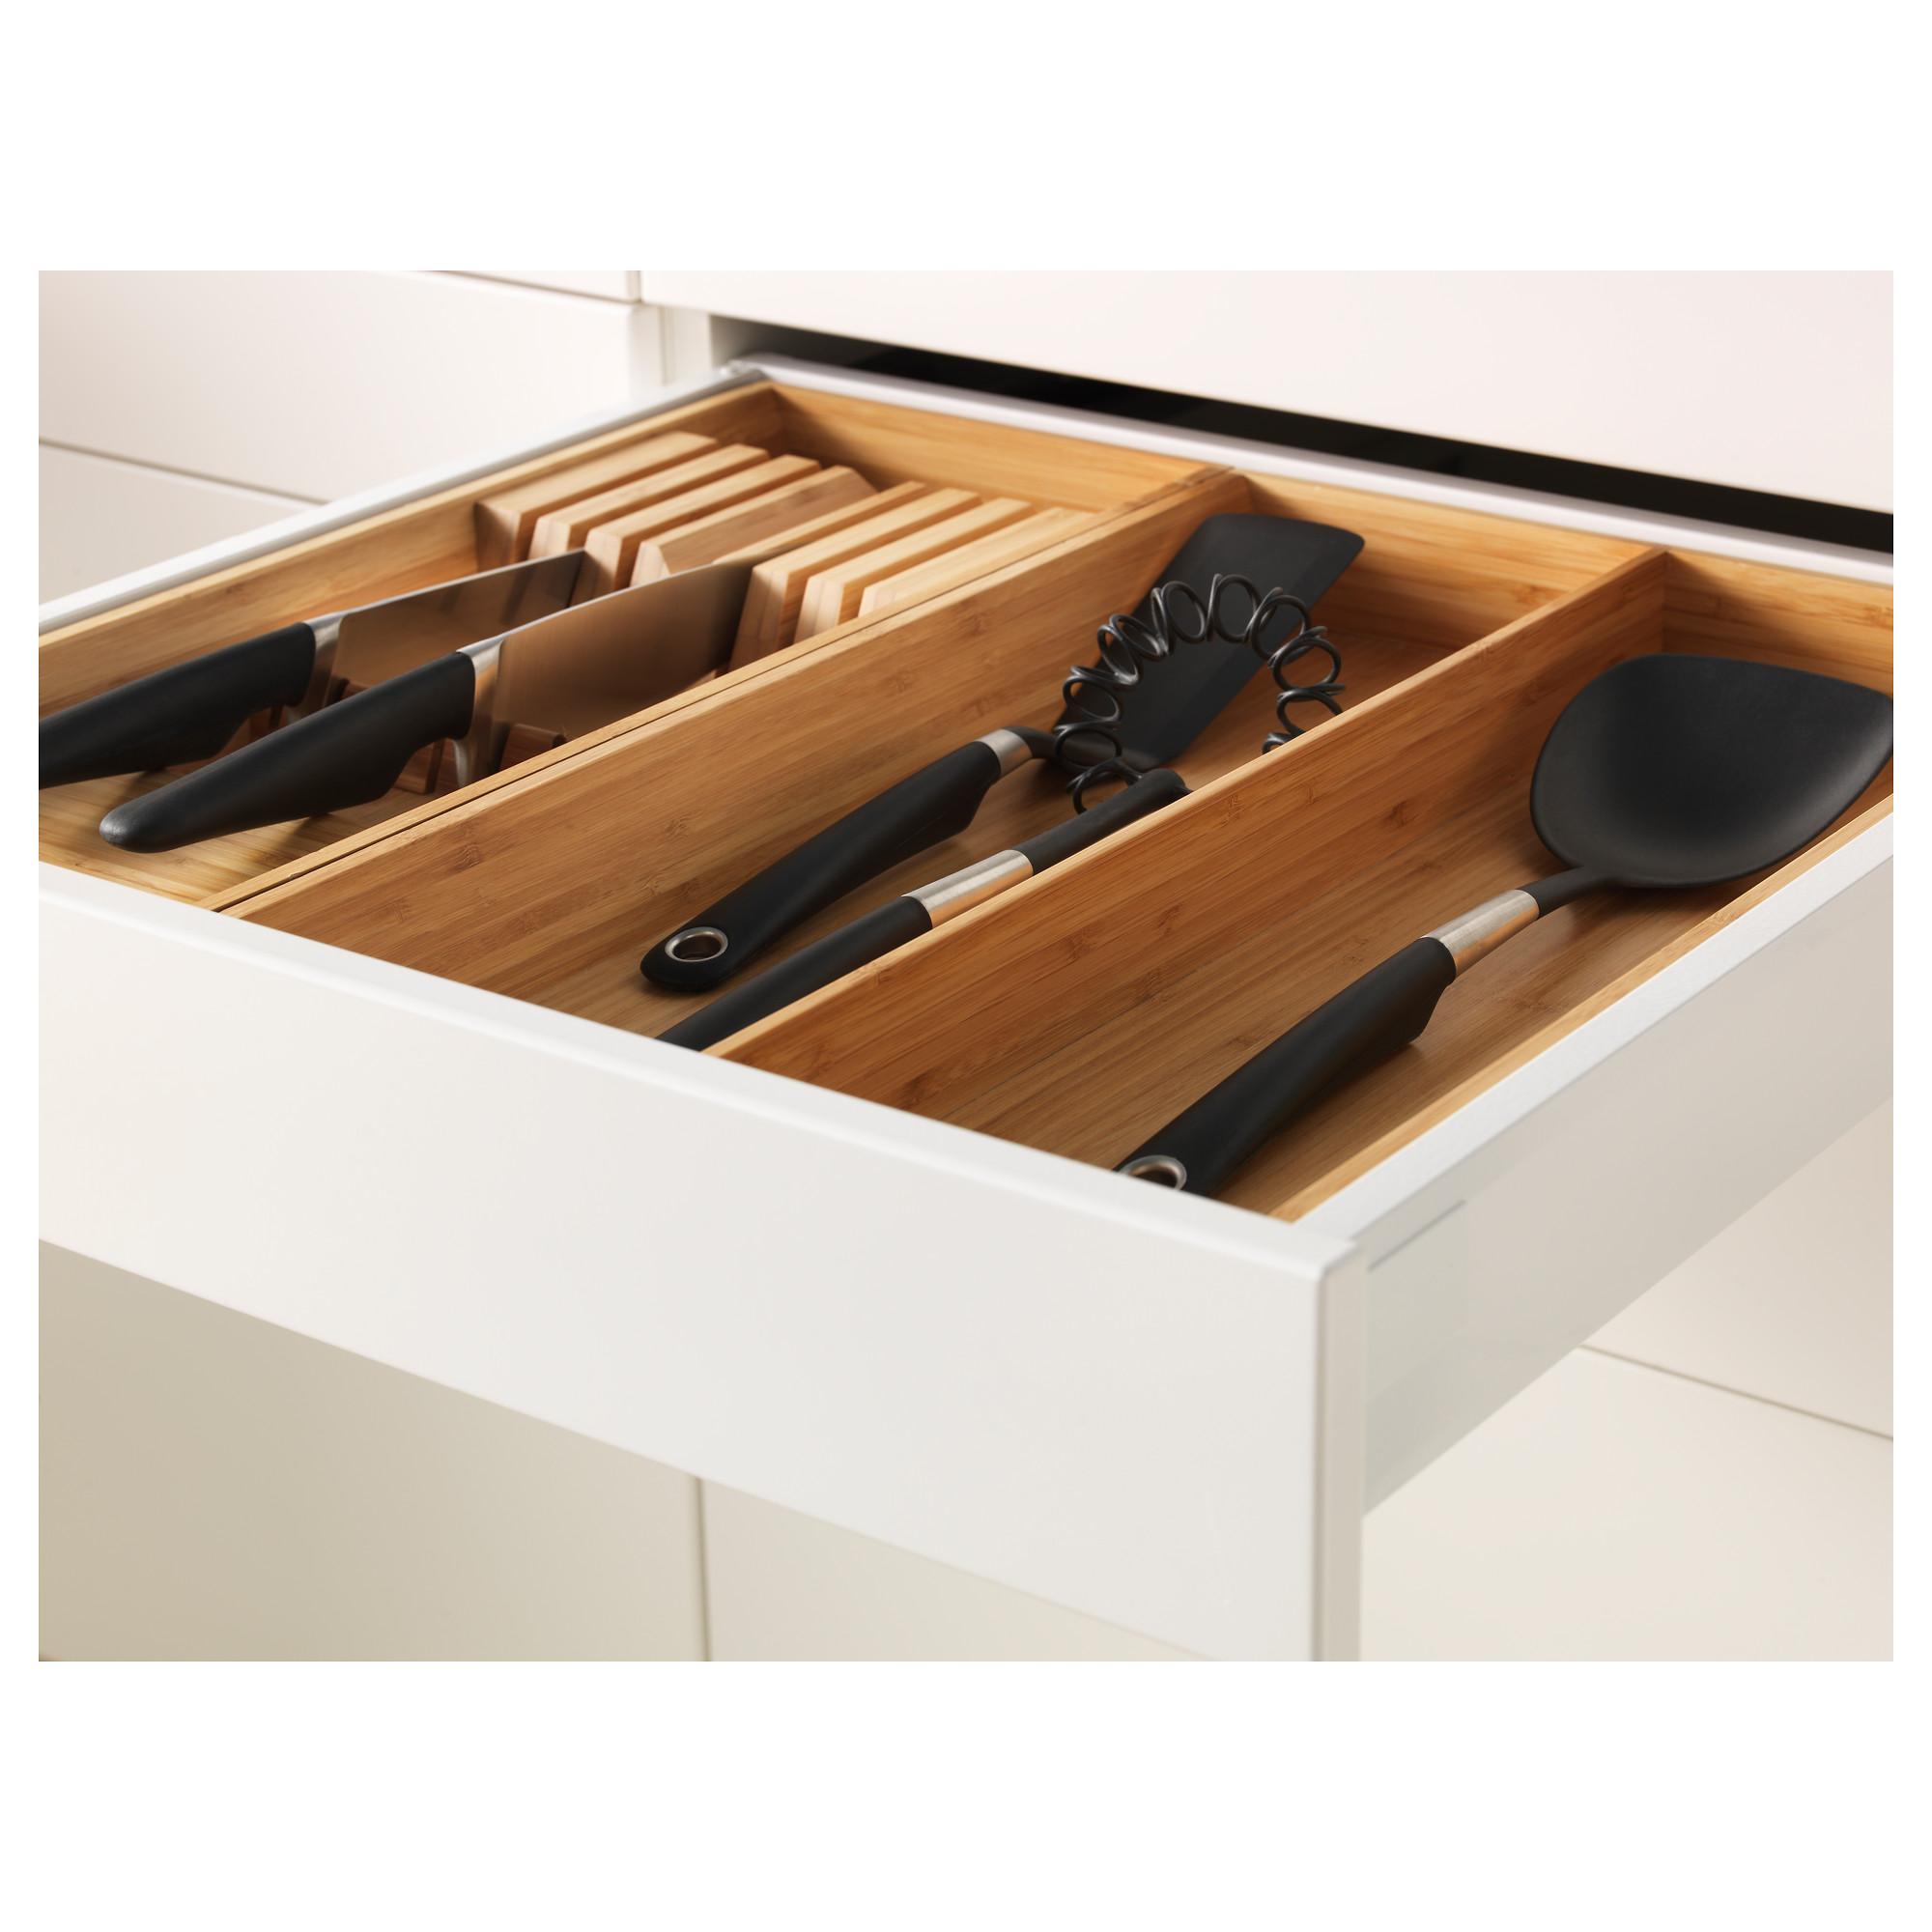 Высокий шкаф + полки, 5 ящиков, 2 дверцы, 2 фронтальных МЕТОД / МАКСИМЕРА черный артикуль № 592.315.84 в наличии. Онлайн сайт IKEA РБ. Недорогая доставка и соборка.